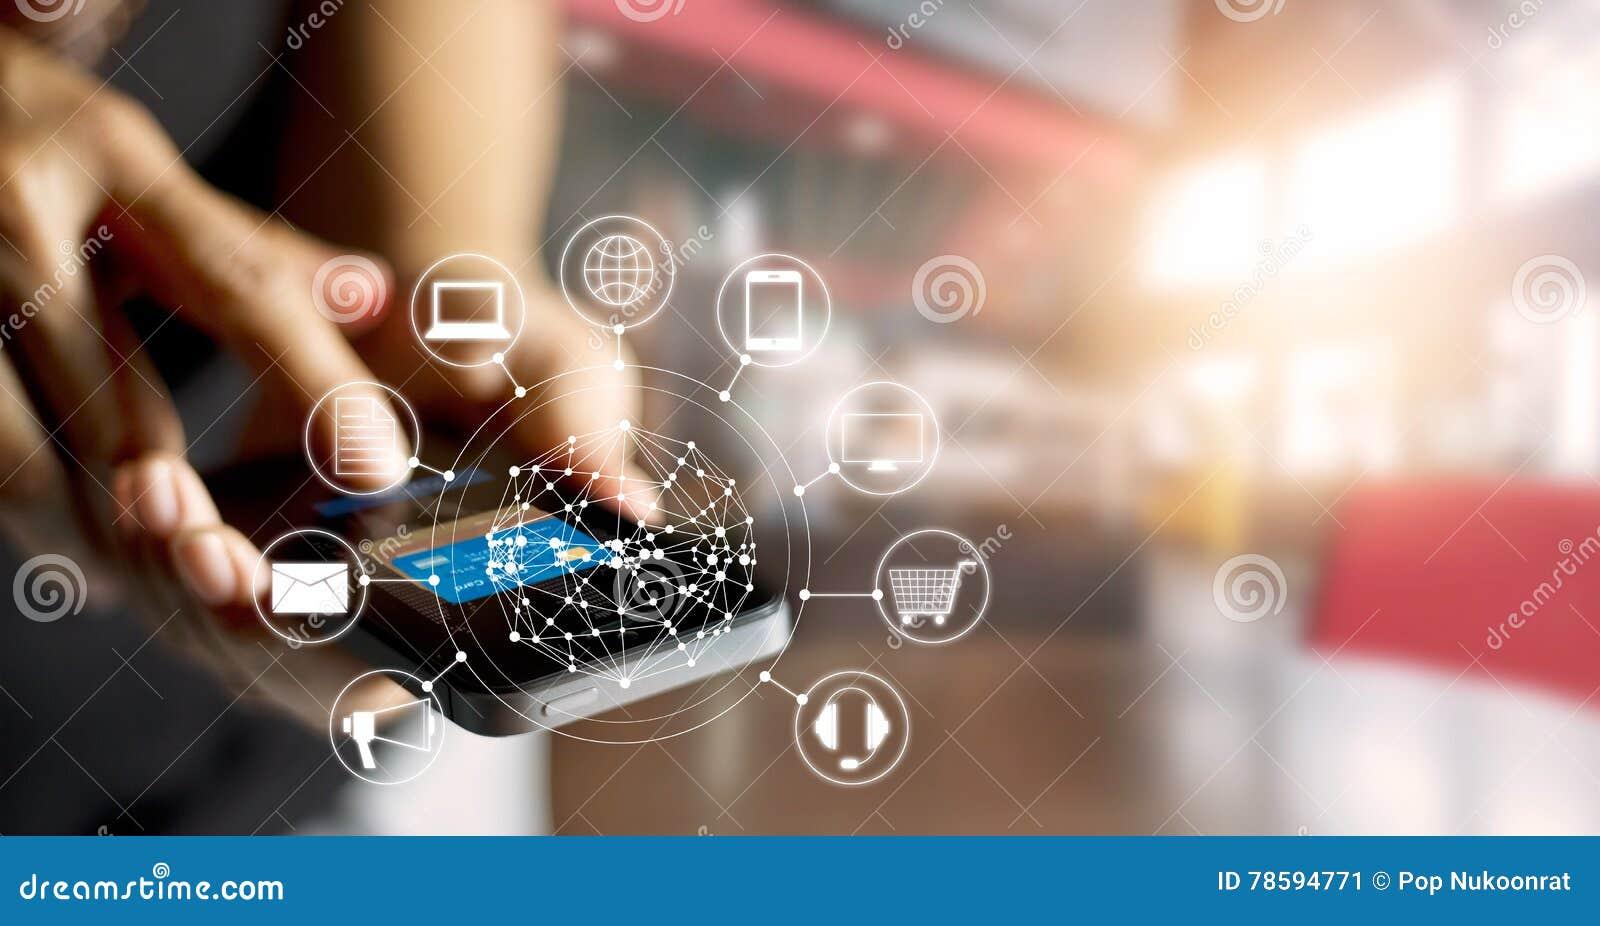 Hombre que usa compras de los pagos móviles y la conexión de red en línea del cliente del icono en la pantalla